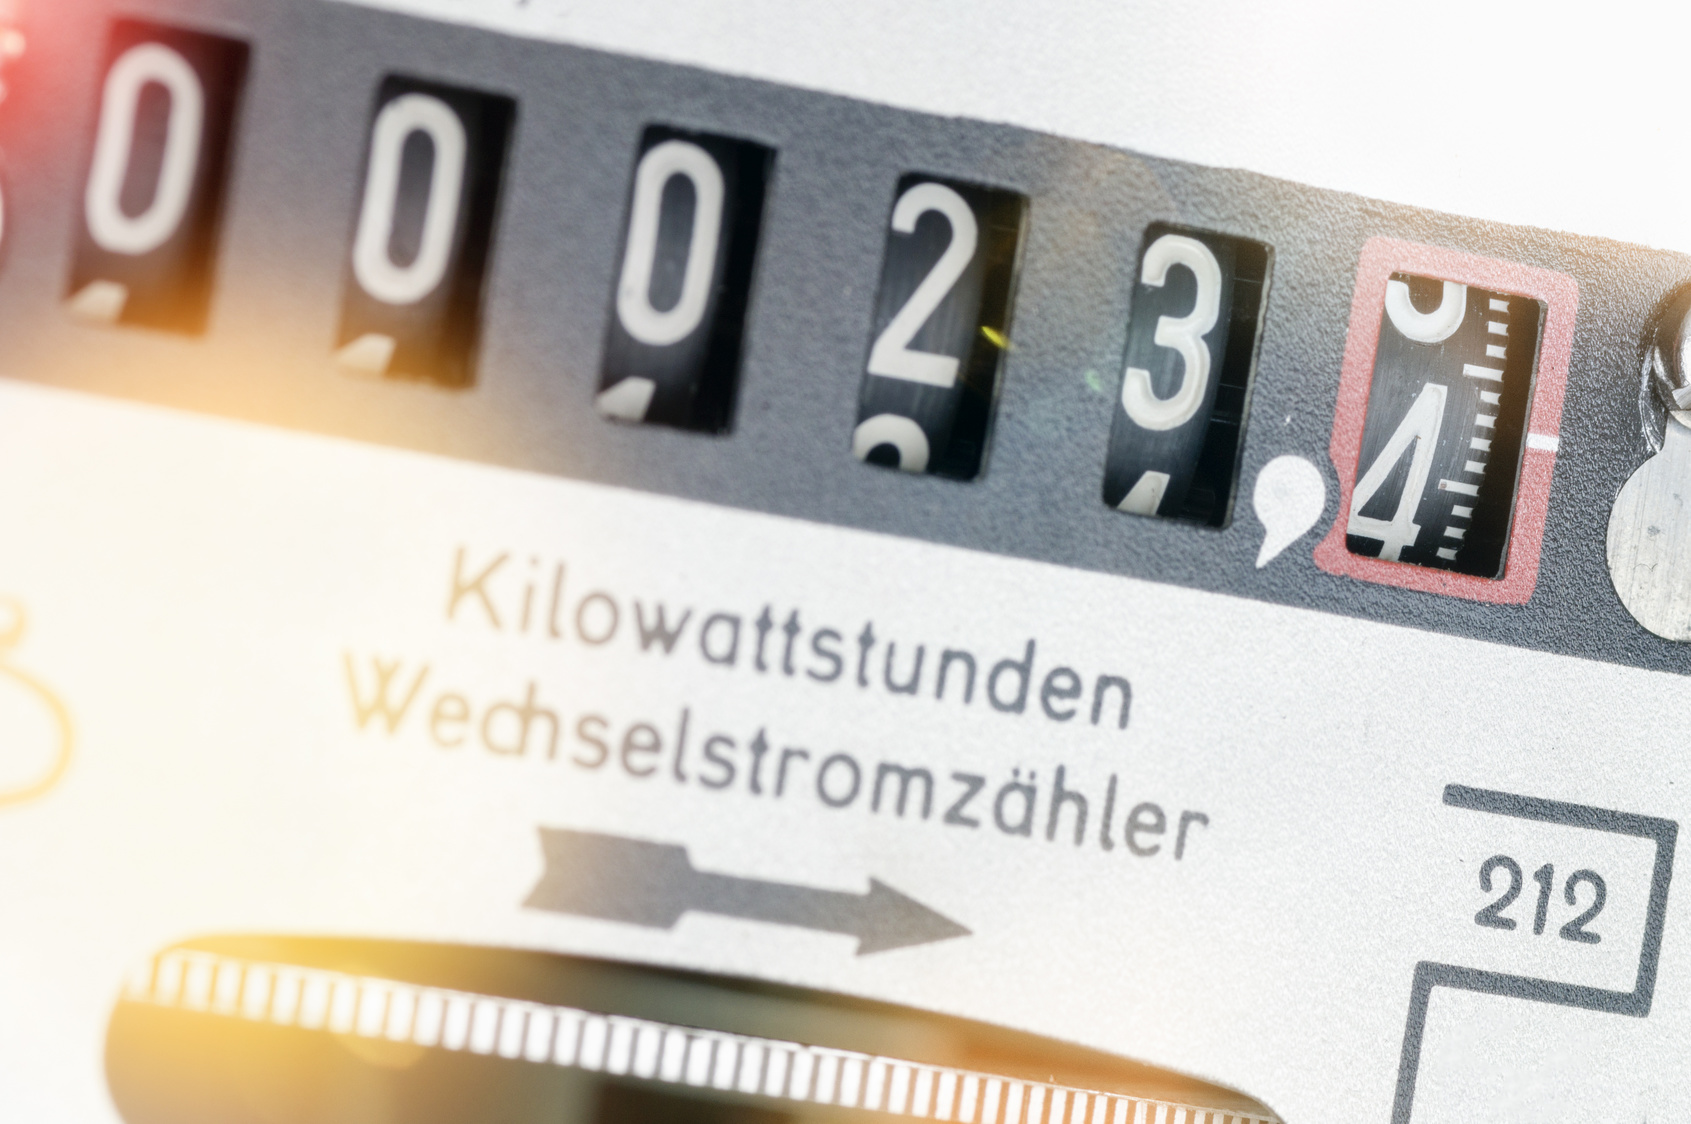 Energieversorger Bev Preiserhöhung Und Einbehaltene Guthaben